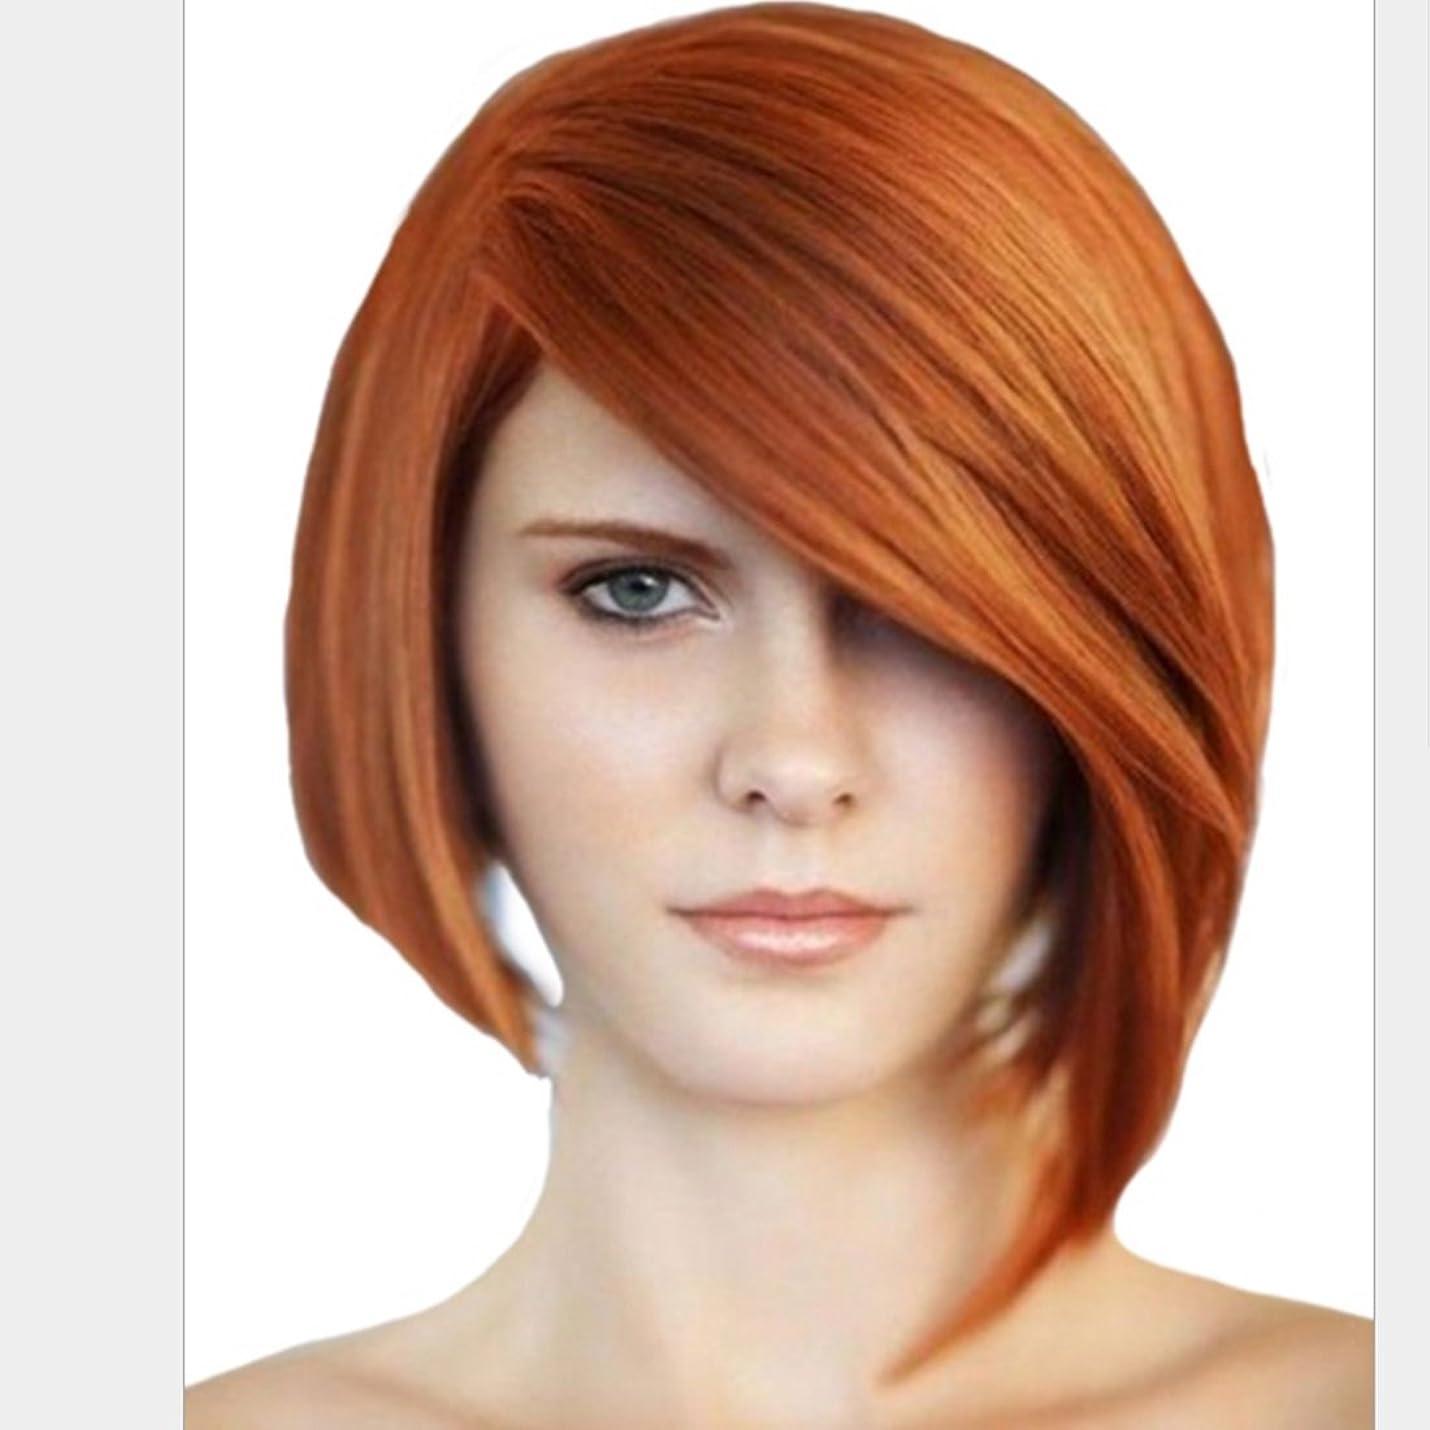 トラクター唇気質HOHYLLYA 女性のための化学繊維ゴールドかつら斜めの髪飾り付きストレートヘアヘアヘッド白人女性のための抵抗性のかつら8インチのかつら (色 : ゴールド)